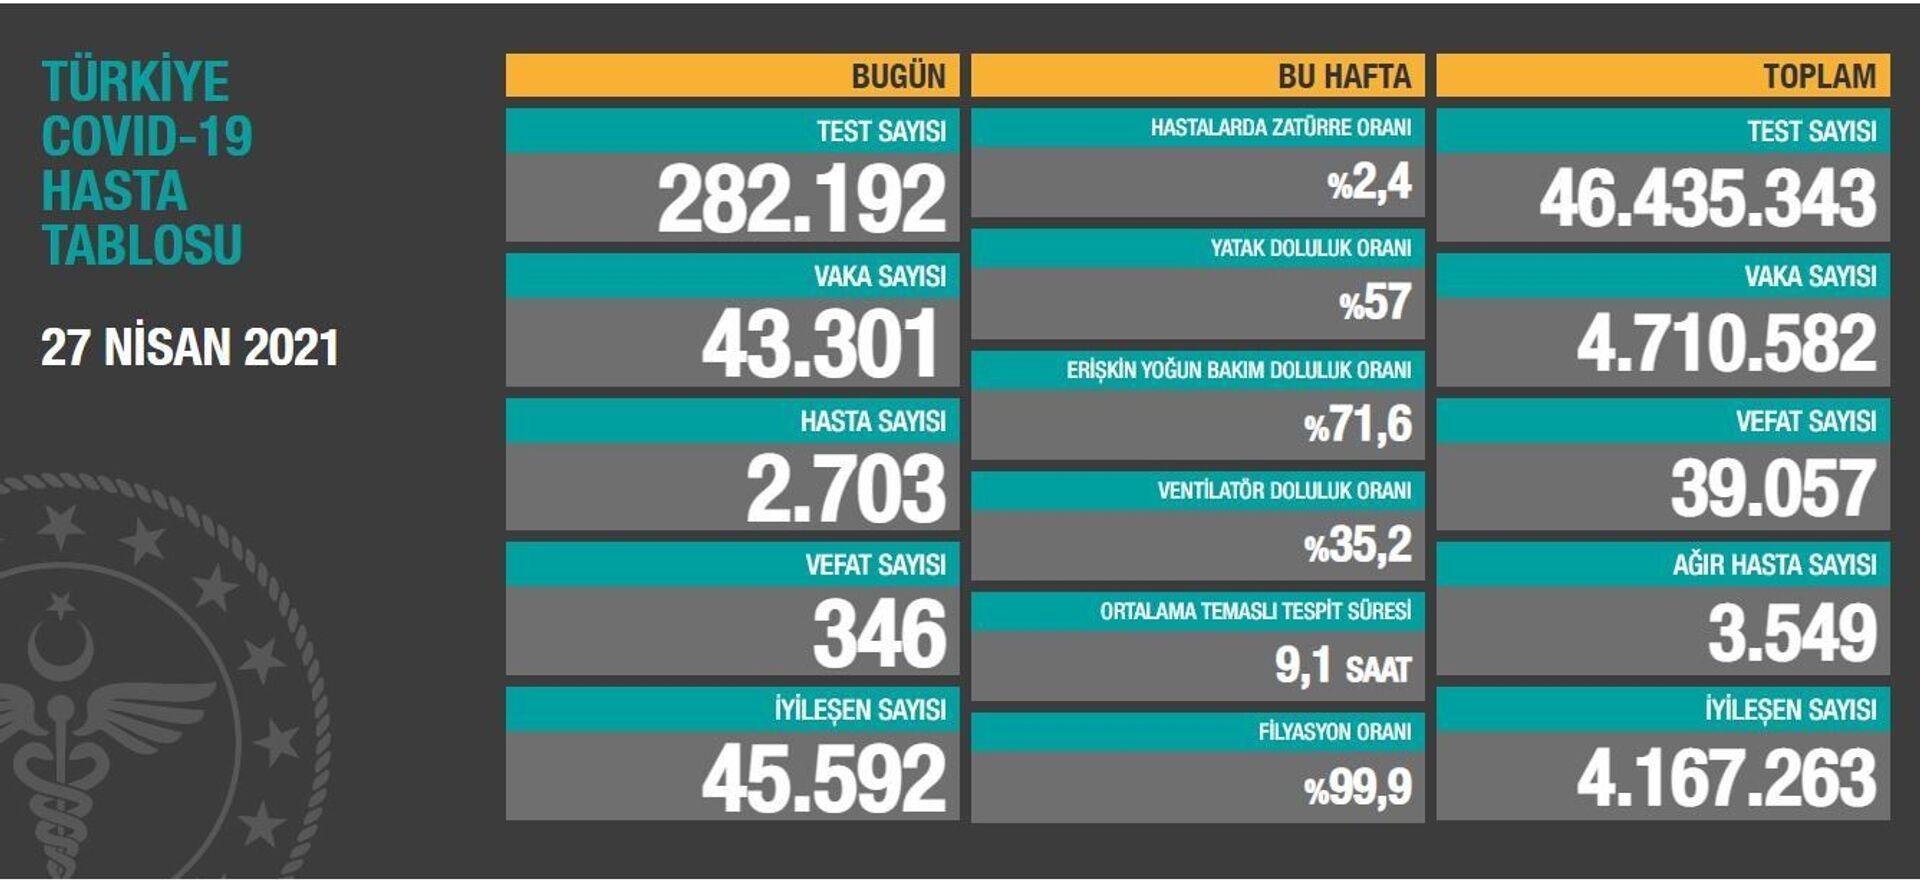 Türkiye'de son 24 saatte koronavirüsten 346 kişi hayatını kaybetti, 43 bin 301 kişinin testi pozitif çıktı - Sputnik Türkiye, 1920, 27.04.2021